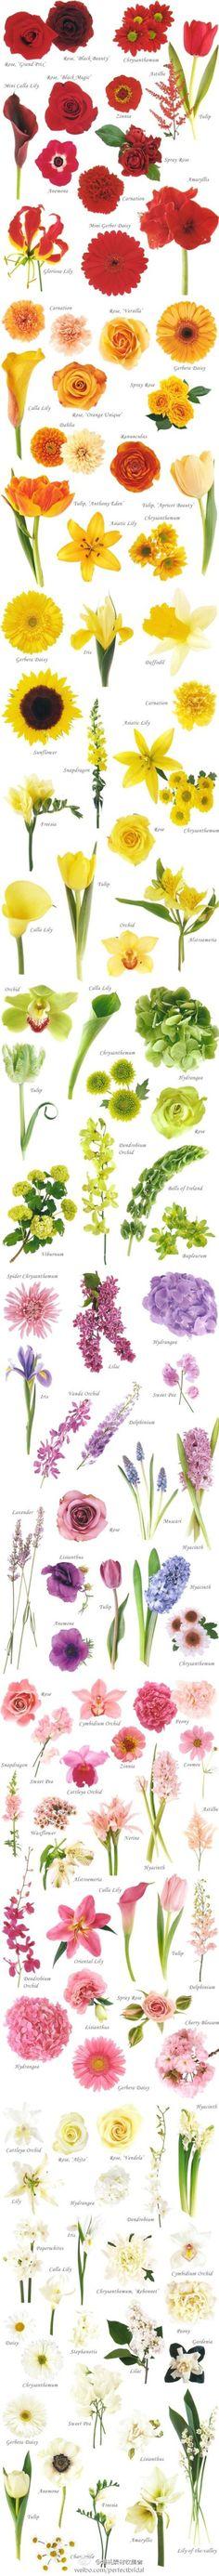 ✽ grenlist.com loves2share!ツ══► Flower Chart